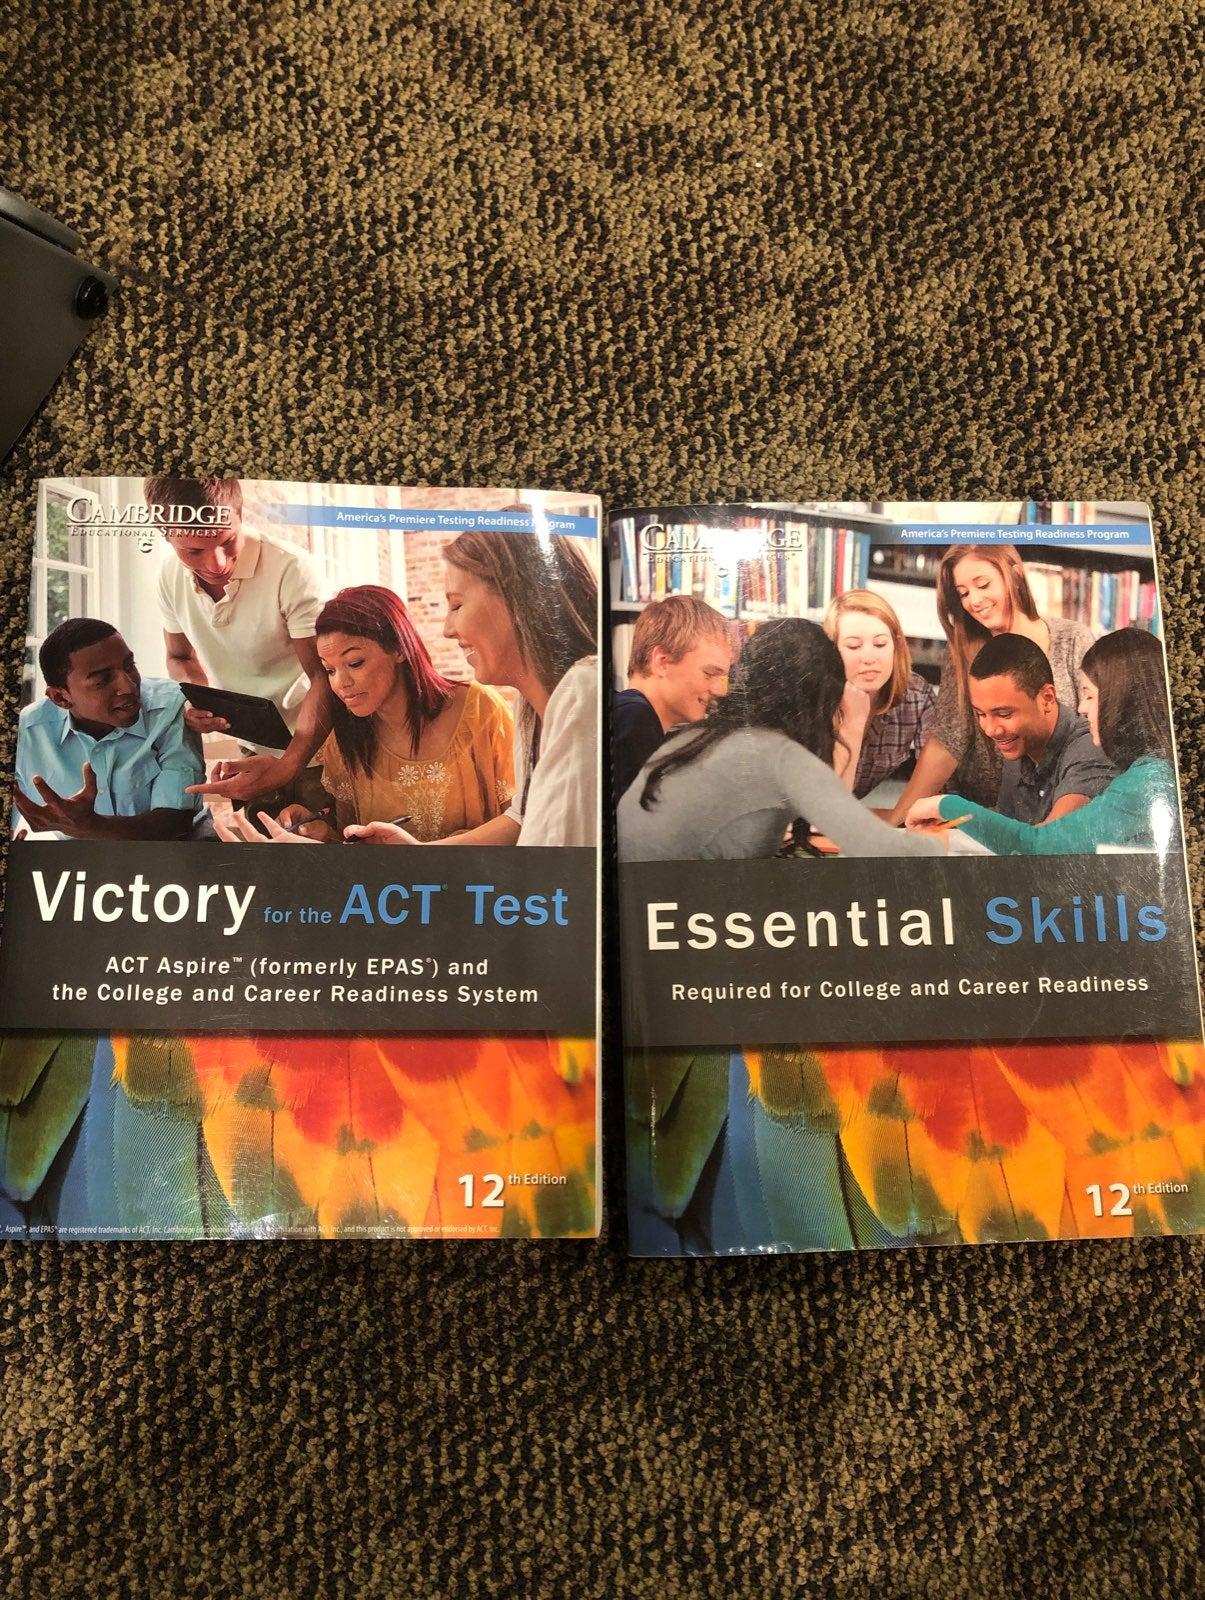 Cambridge textbooks